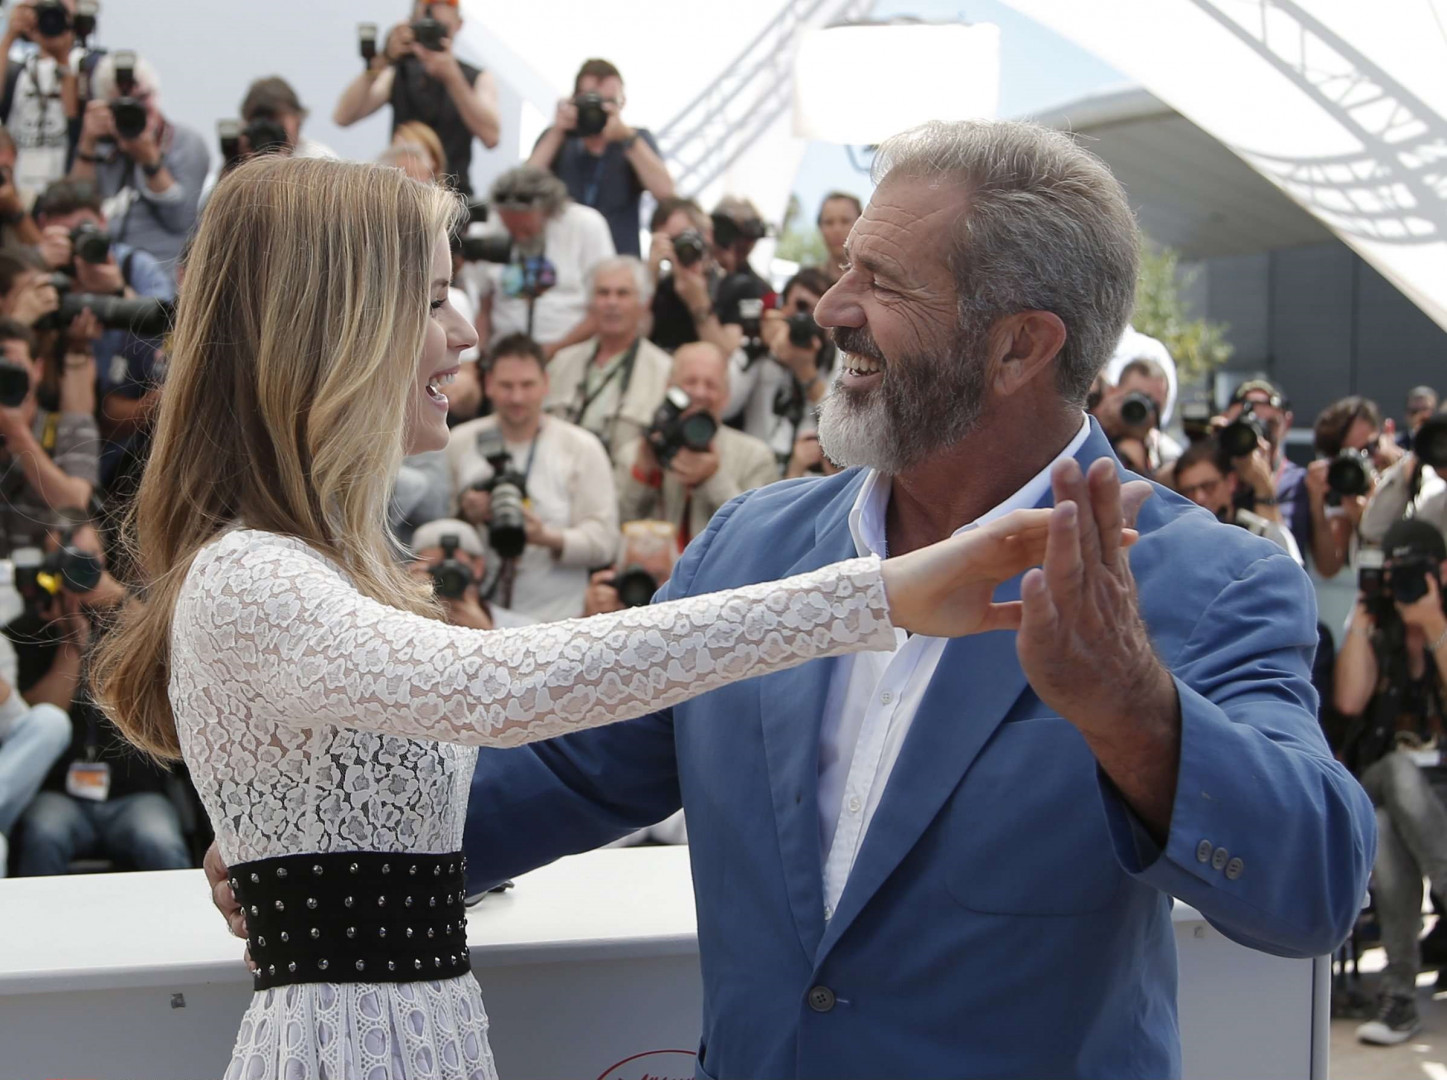 Mel Gibson et Erin Moriarty se sont offerts une danse sous les yeux des photographes.